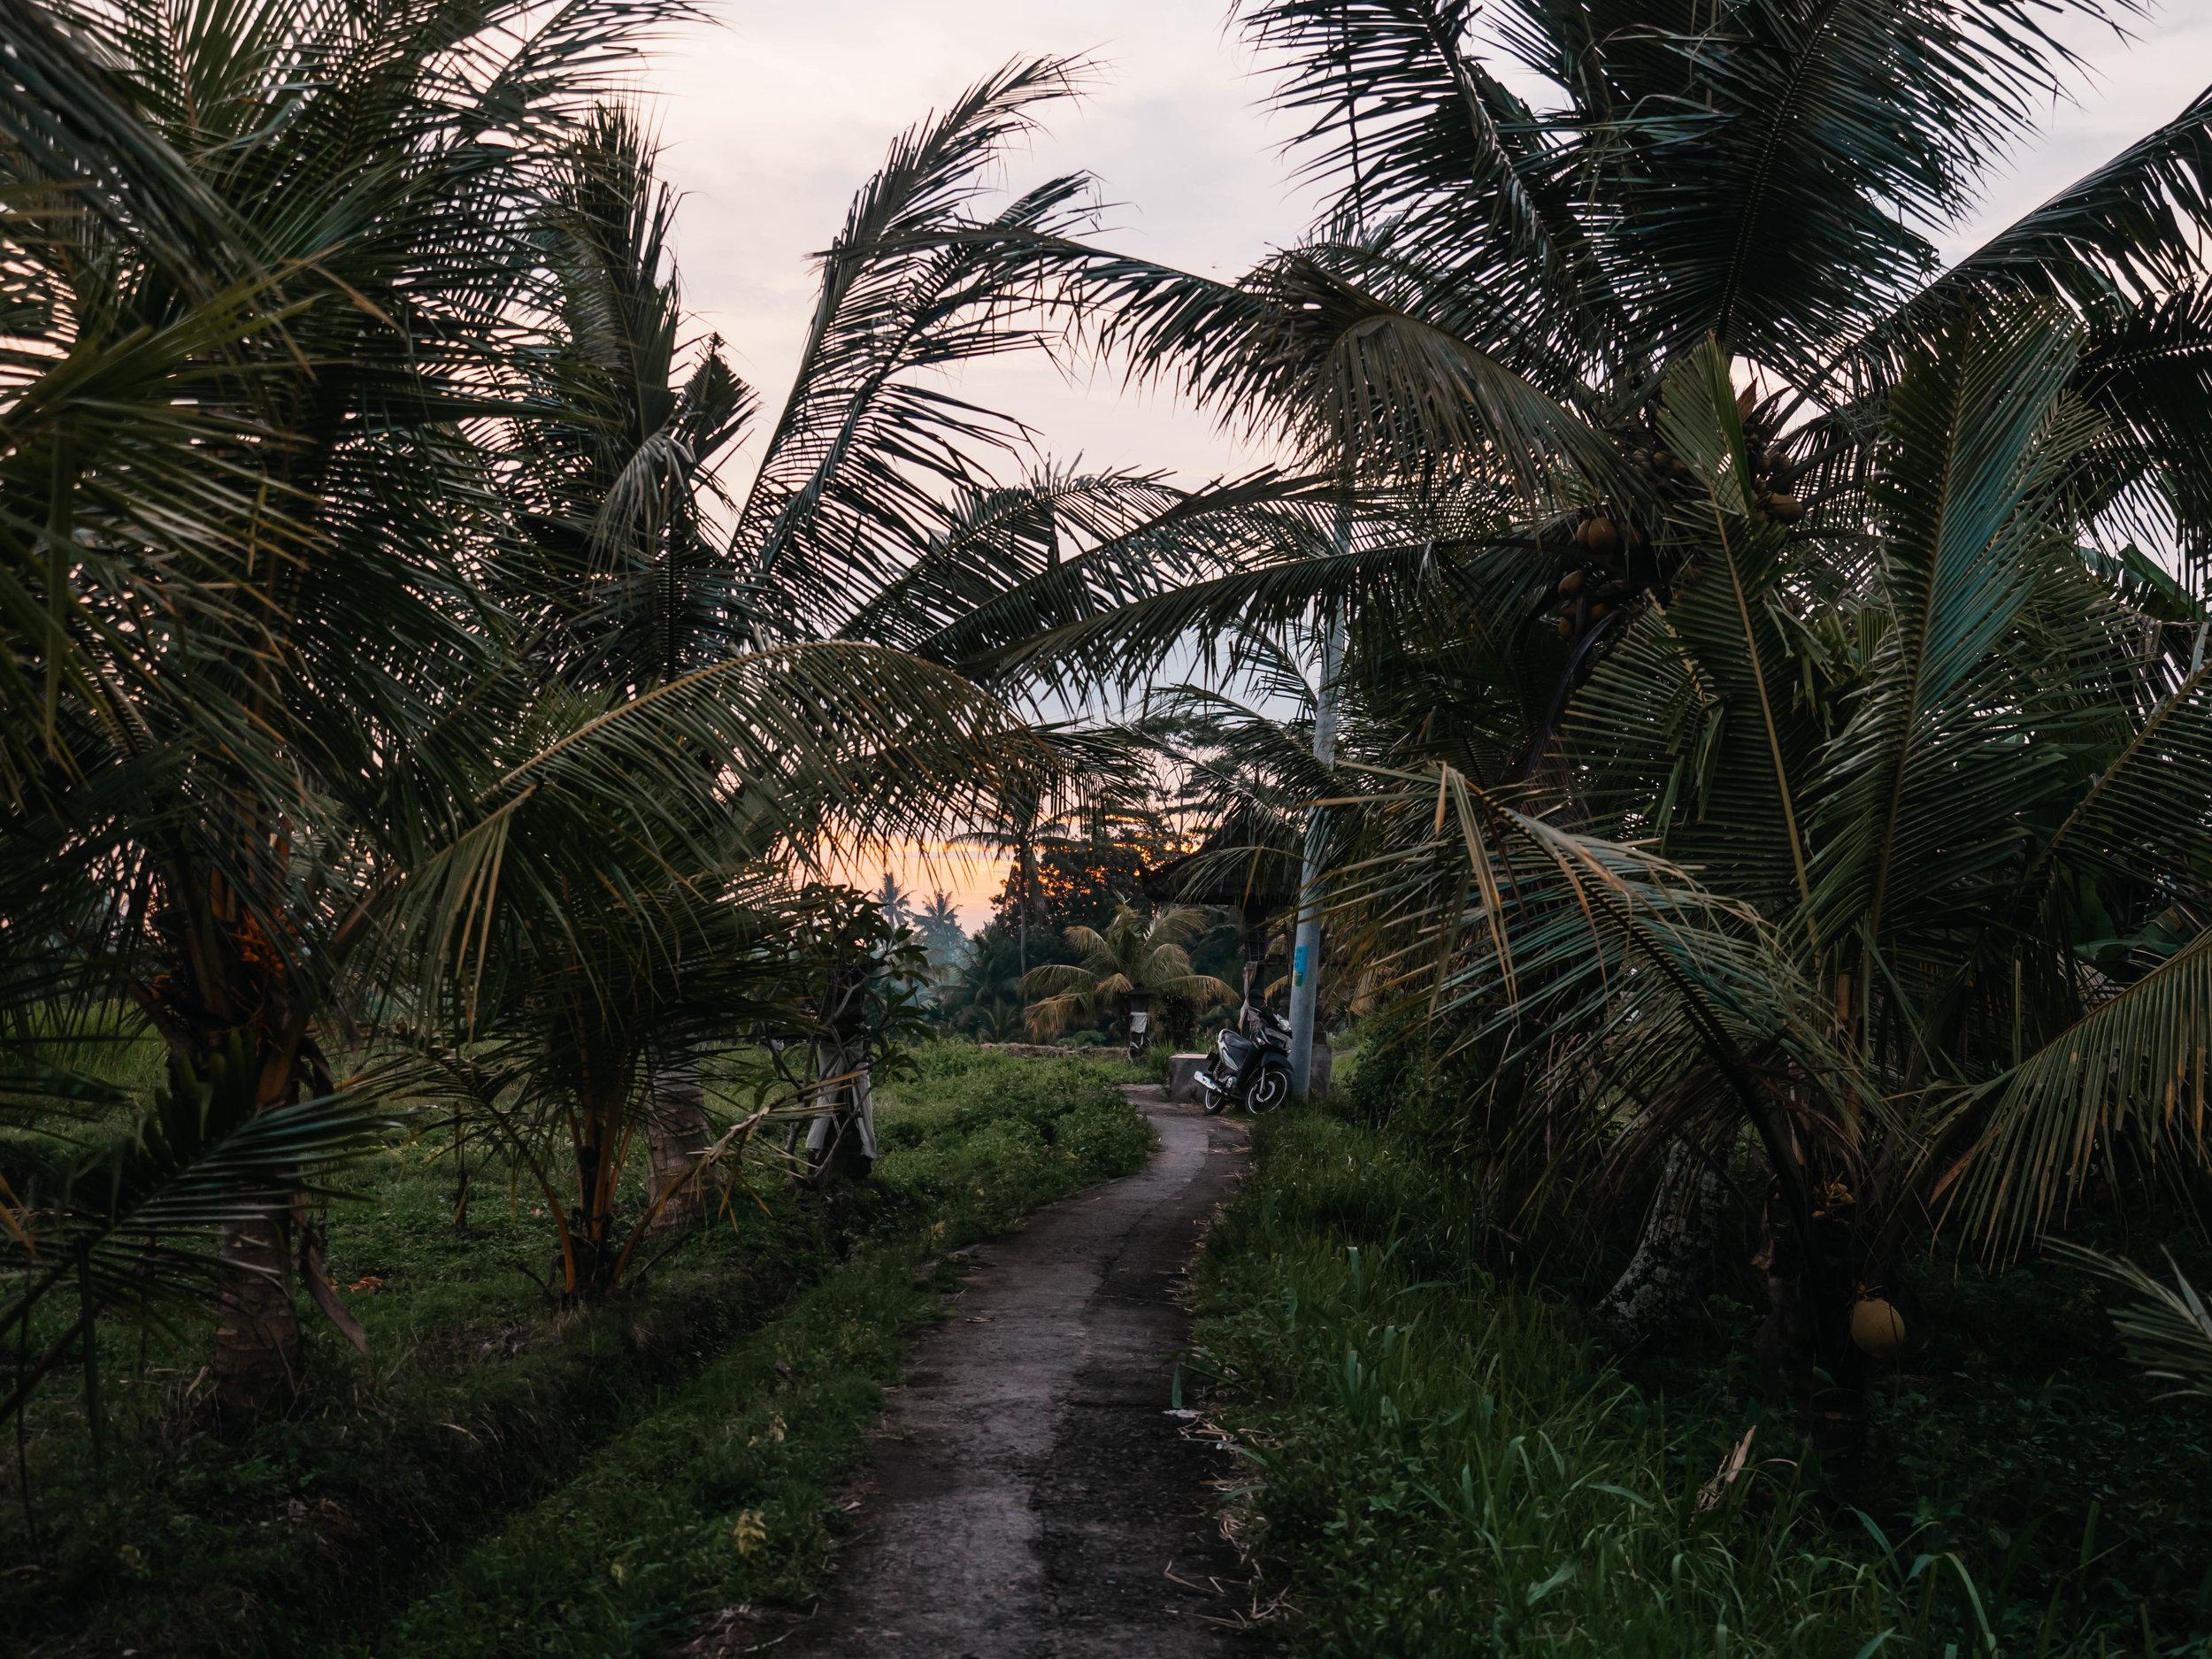 Bali_rural_village.jpg